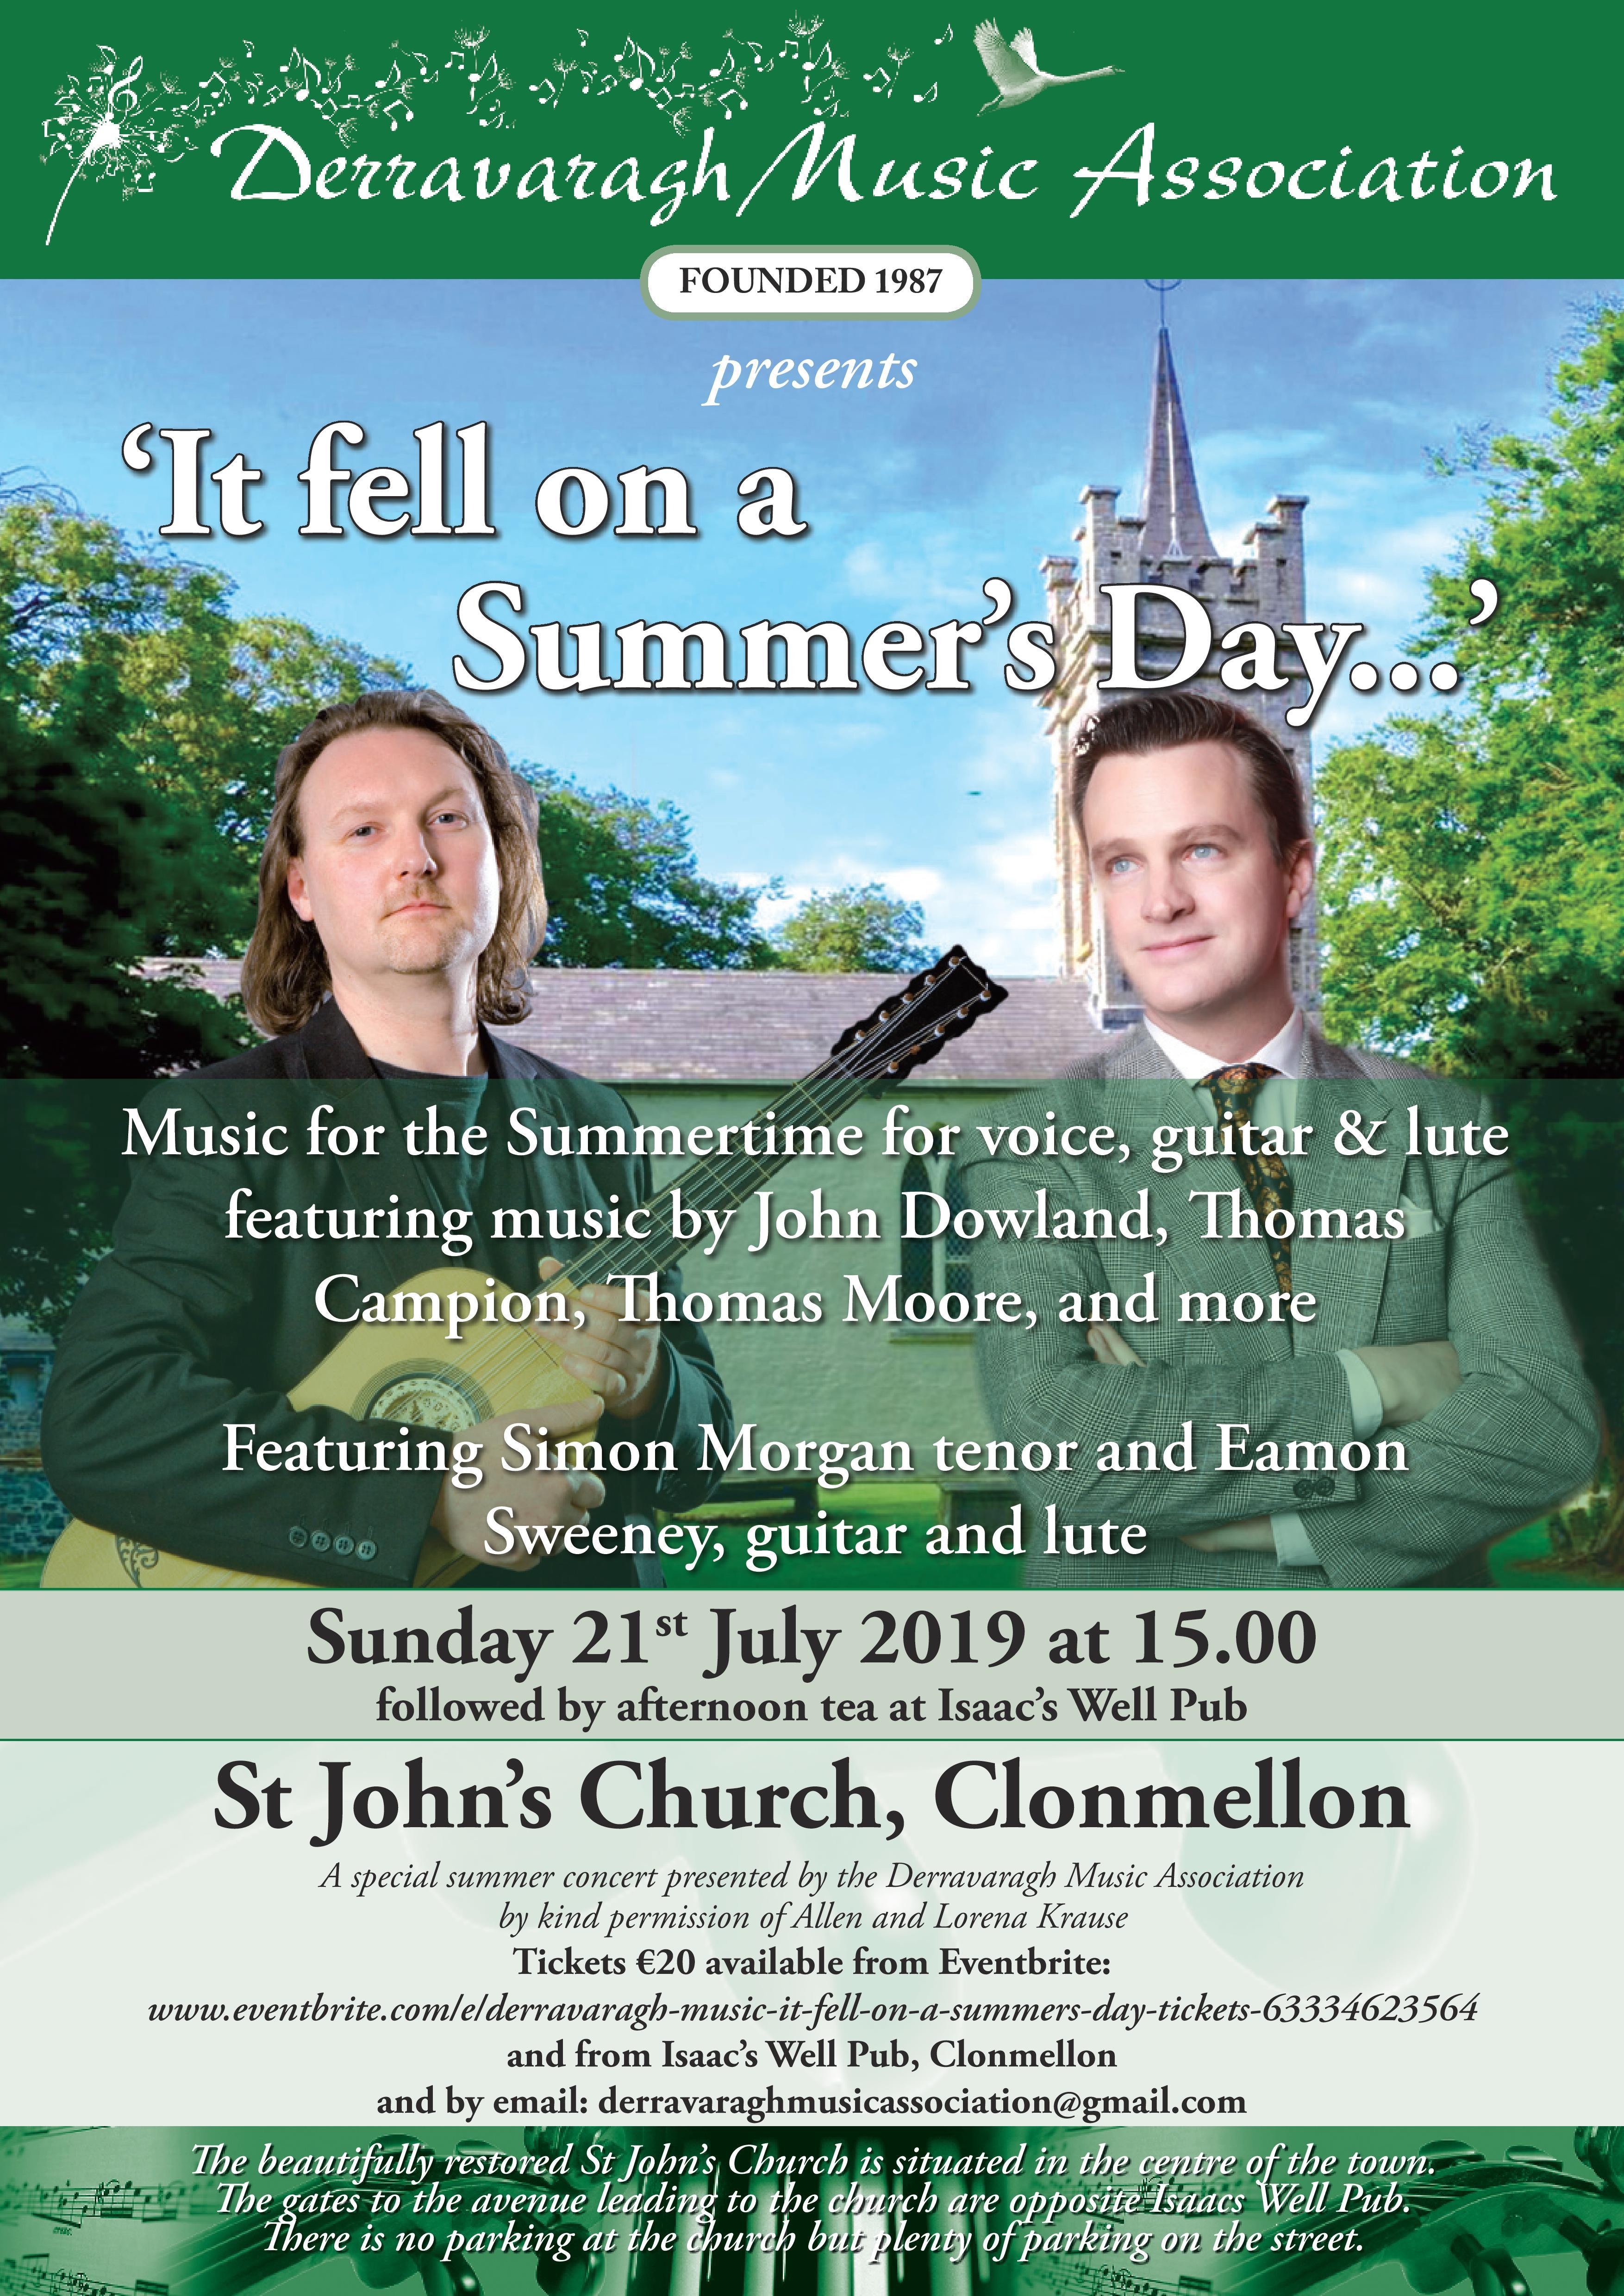 Summer Concert at St John's, Clonmellon